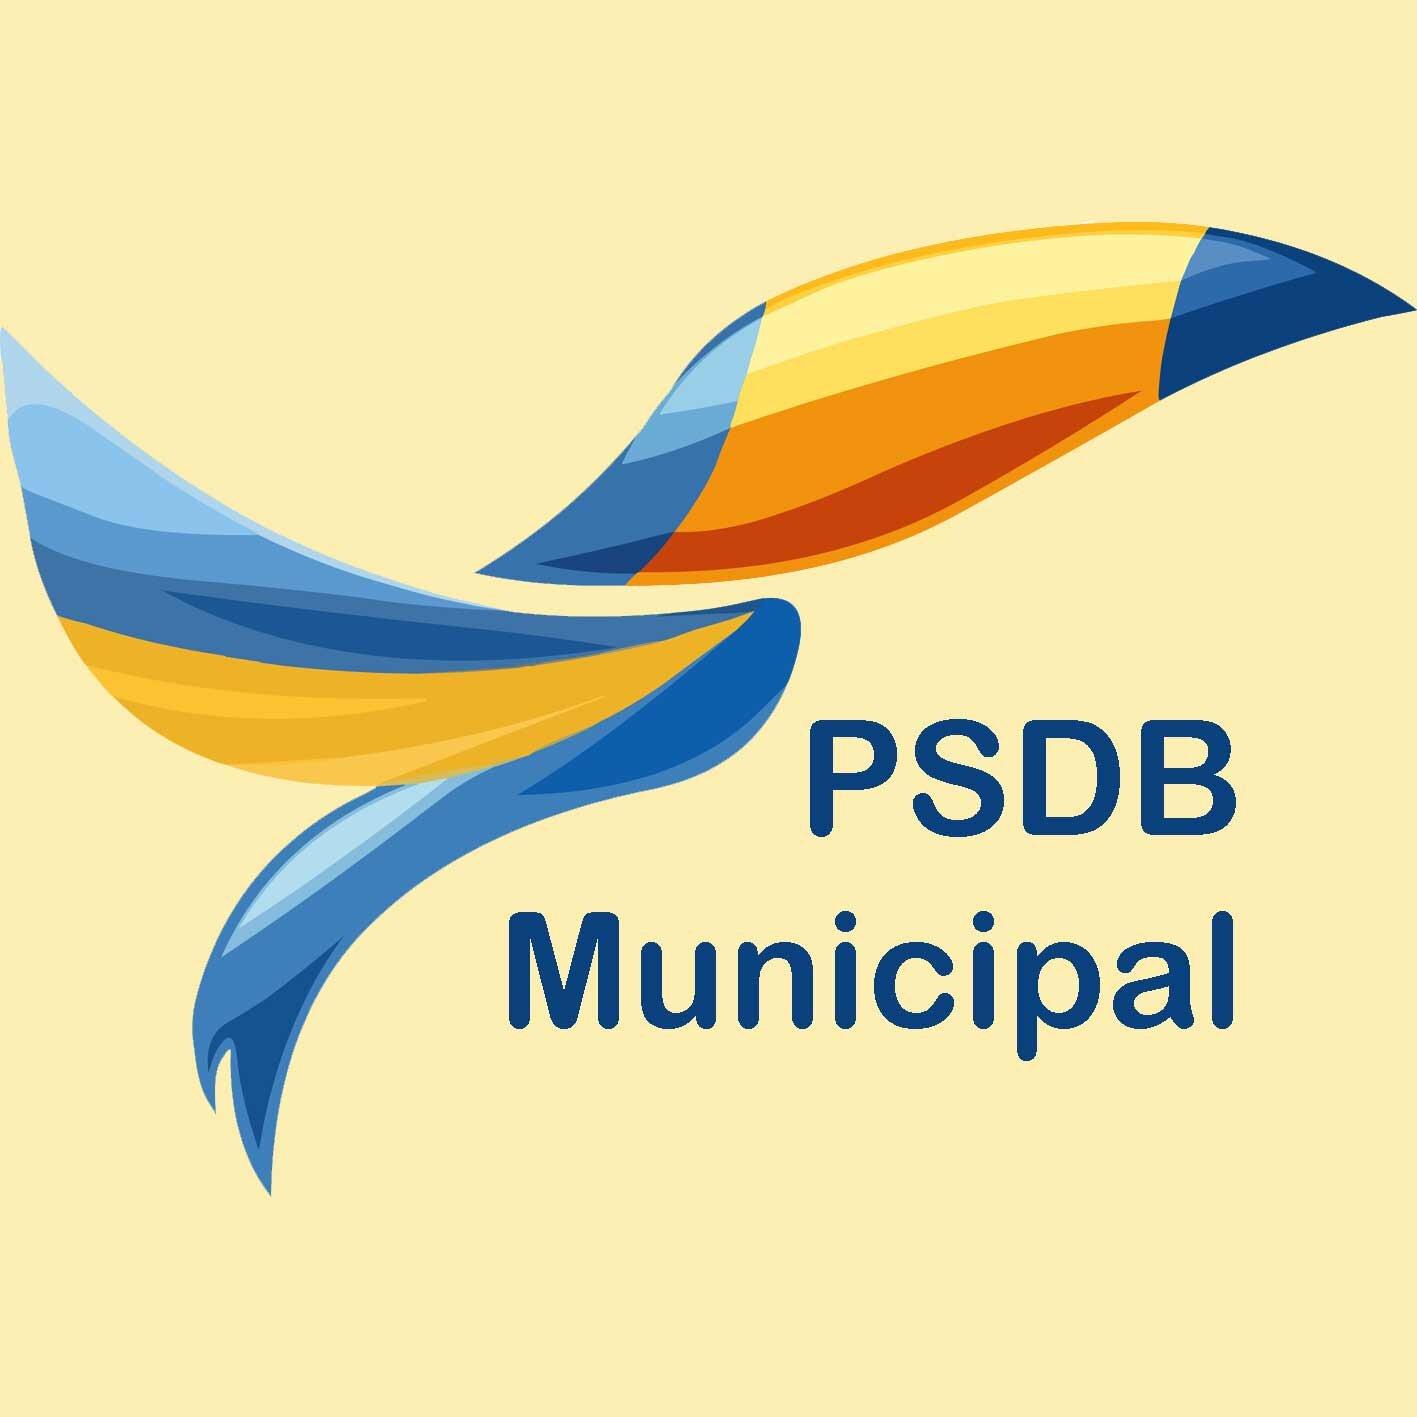 Psdb Municipal